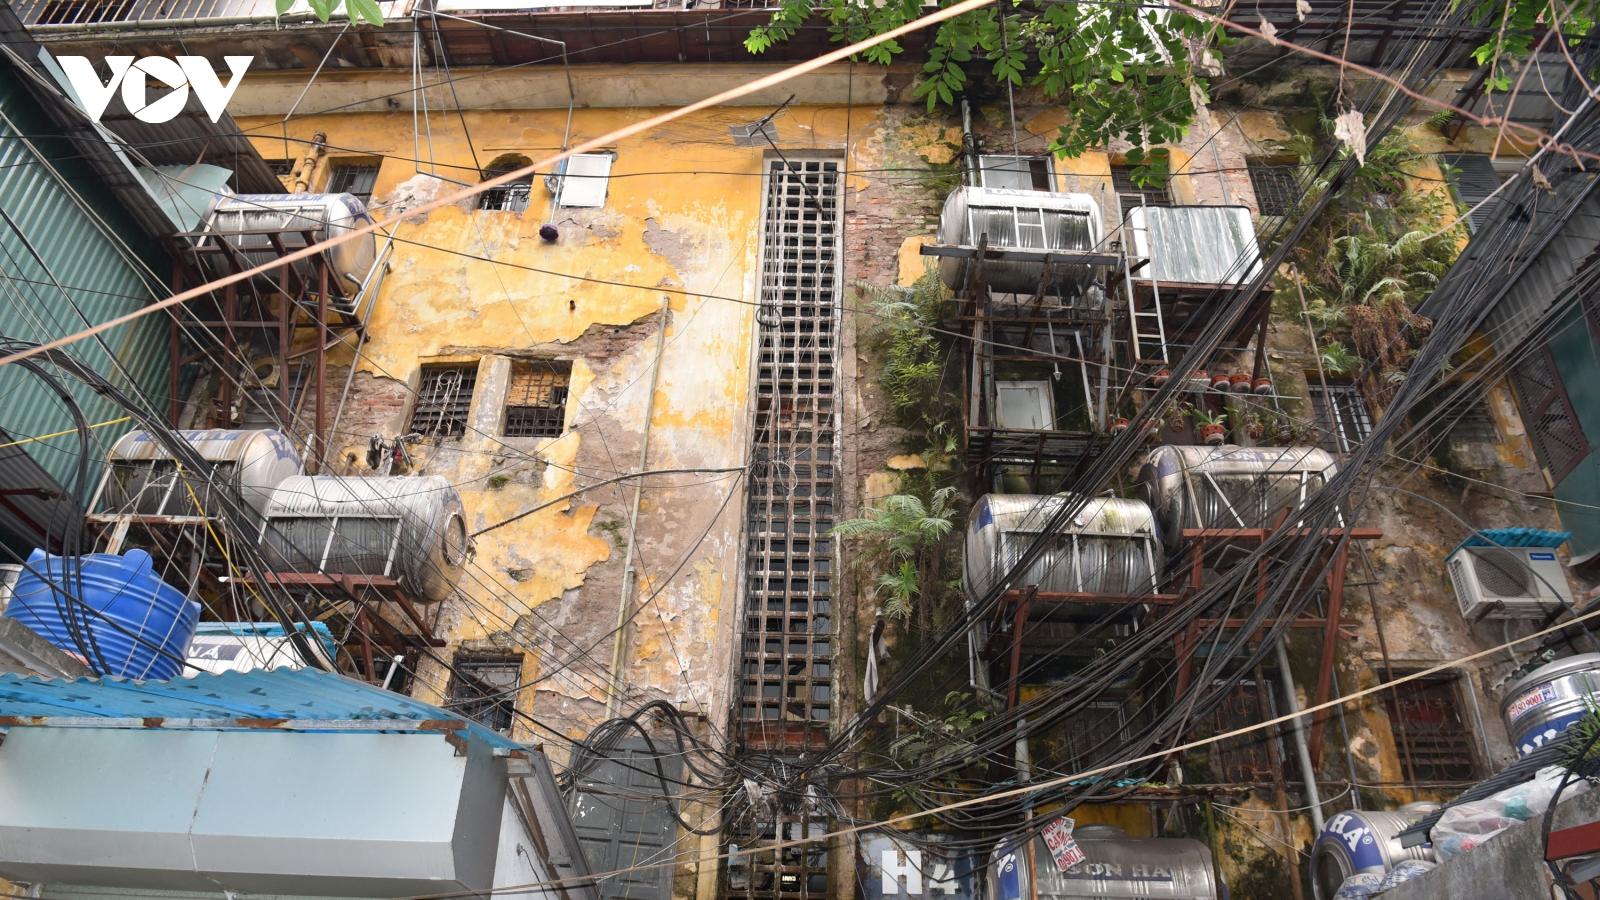 Dân Hà Nội sống nơm nớp trong chung cư cũ nát, xập xệ